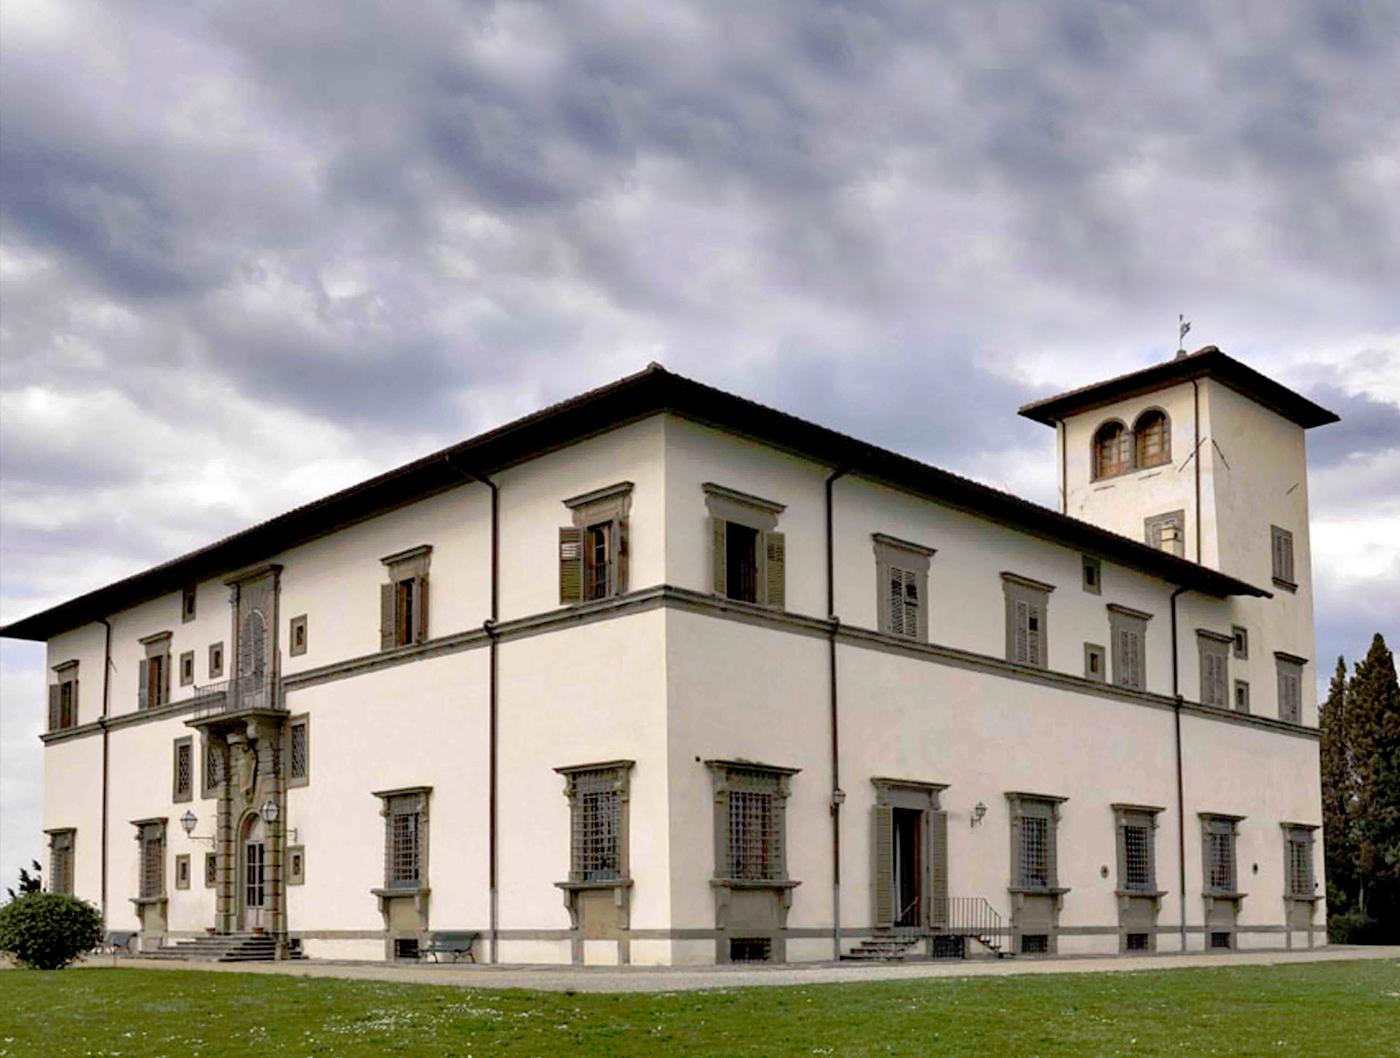 Residenze d'epoca Villa Le Corti - la dimora vista da una prospettiva laterale